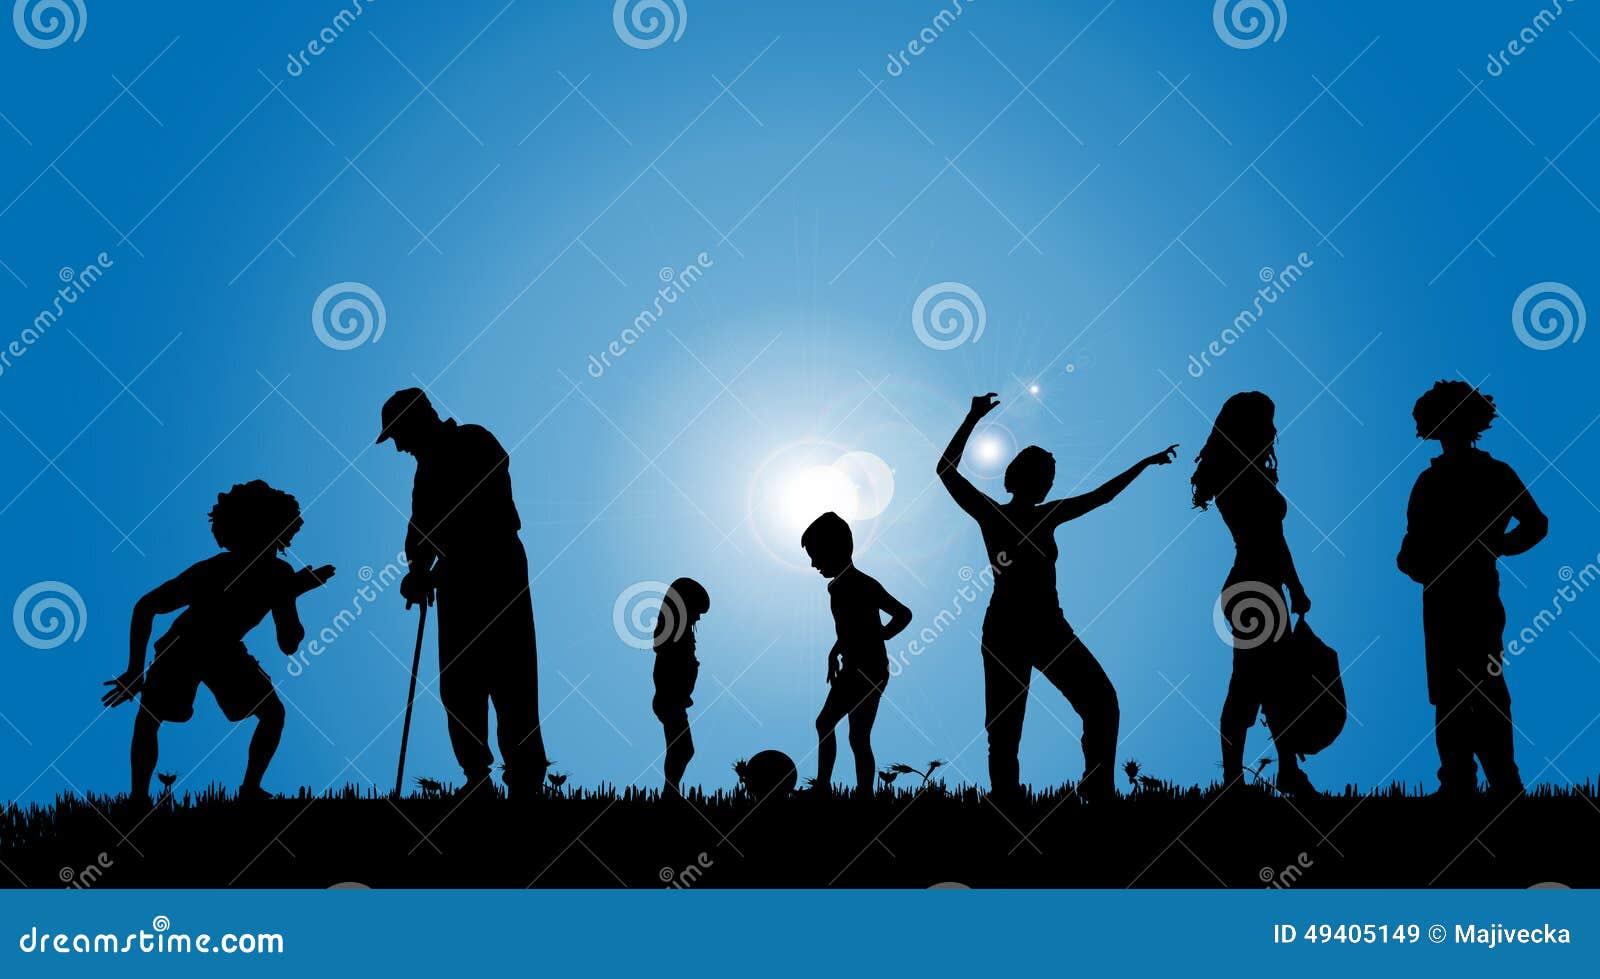 Download Vektorschattenbilder Von Leuten Vektor Abbildung - Illustration von vater, junge: 49405149